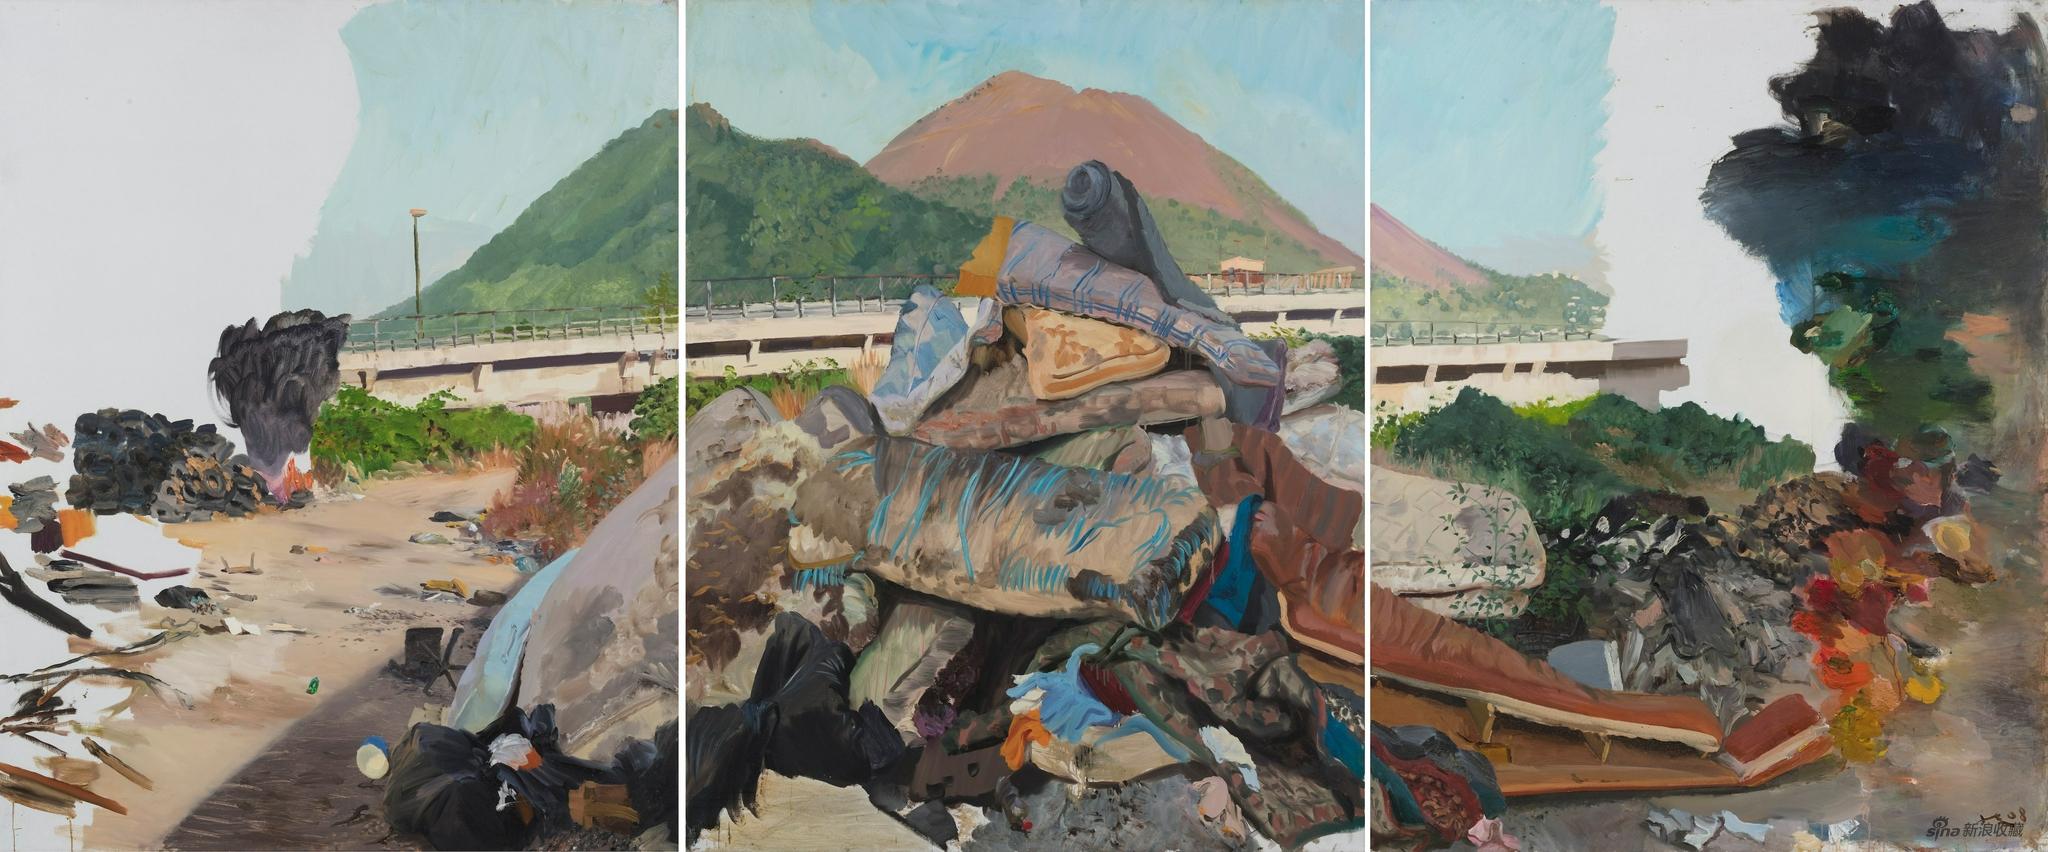 刘小东 Liu Xiaodong 《上火(三联画)》 Flame(Triptych) 布面油画  Oil on canvas,250 × 600 cm,2008 ©艺术家和华艺国际拍卖